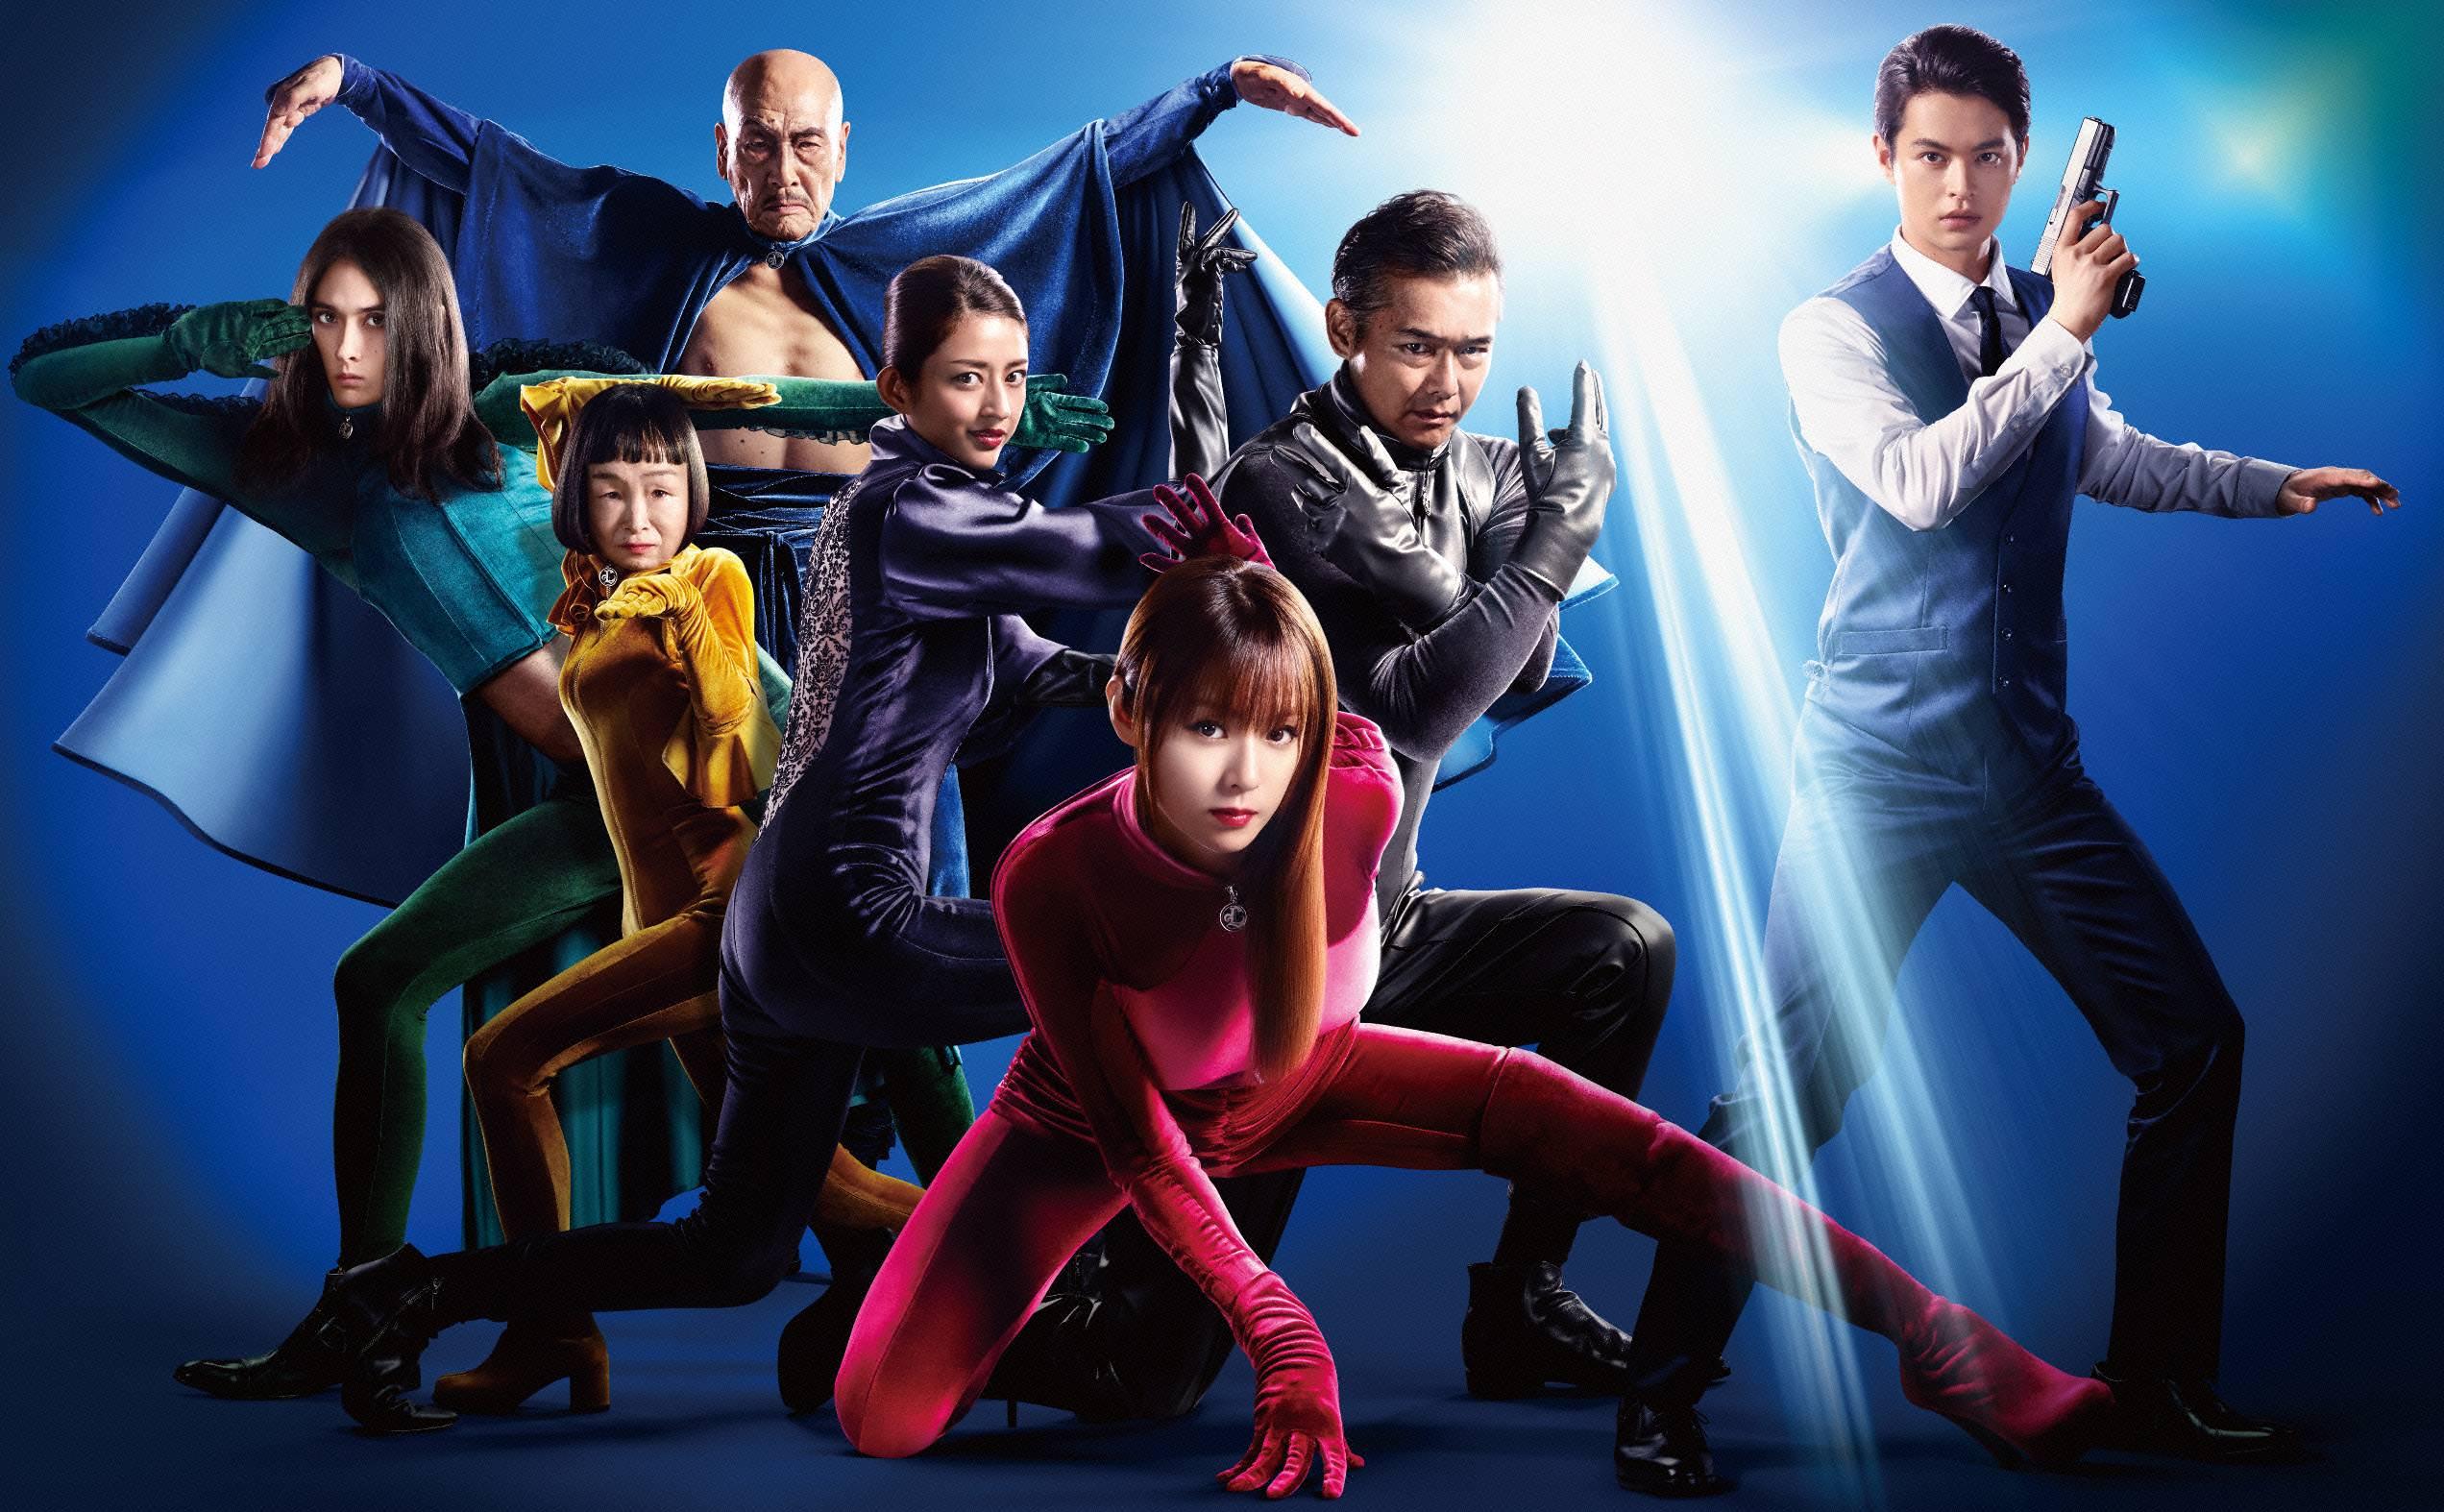 木曜劇場『ルパンの娘』|主演:深田恭子